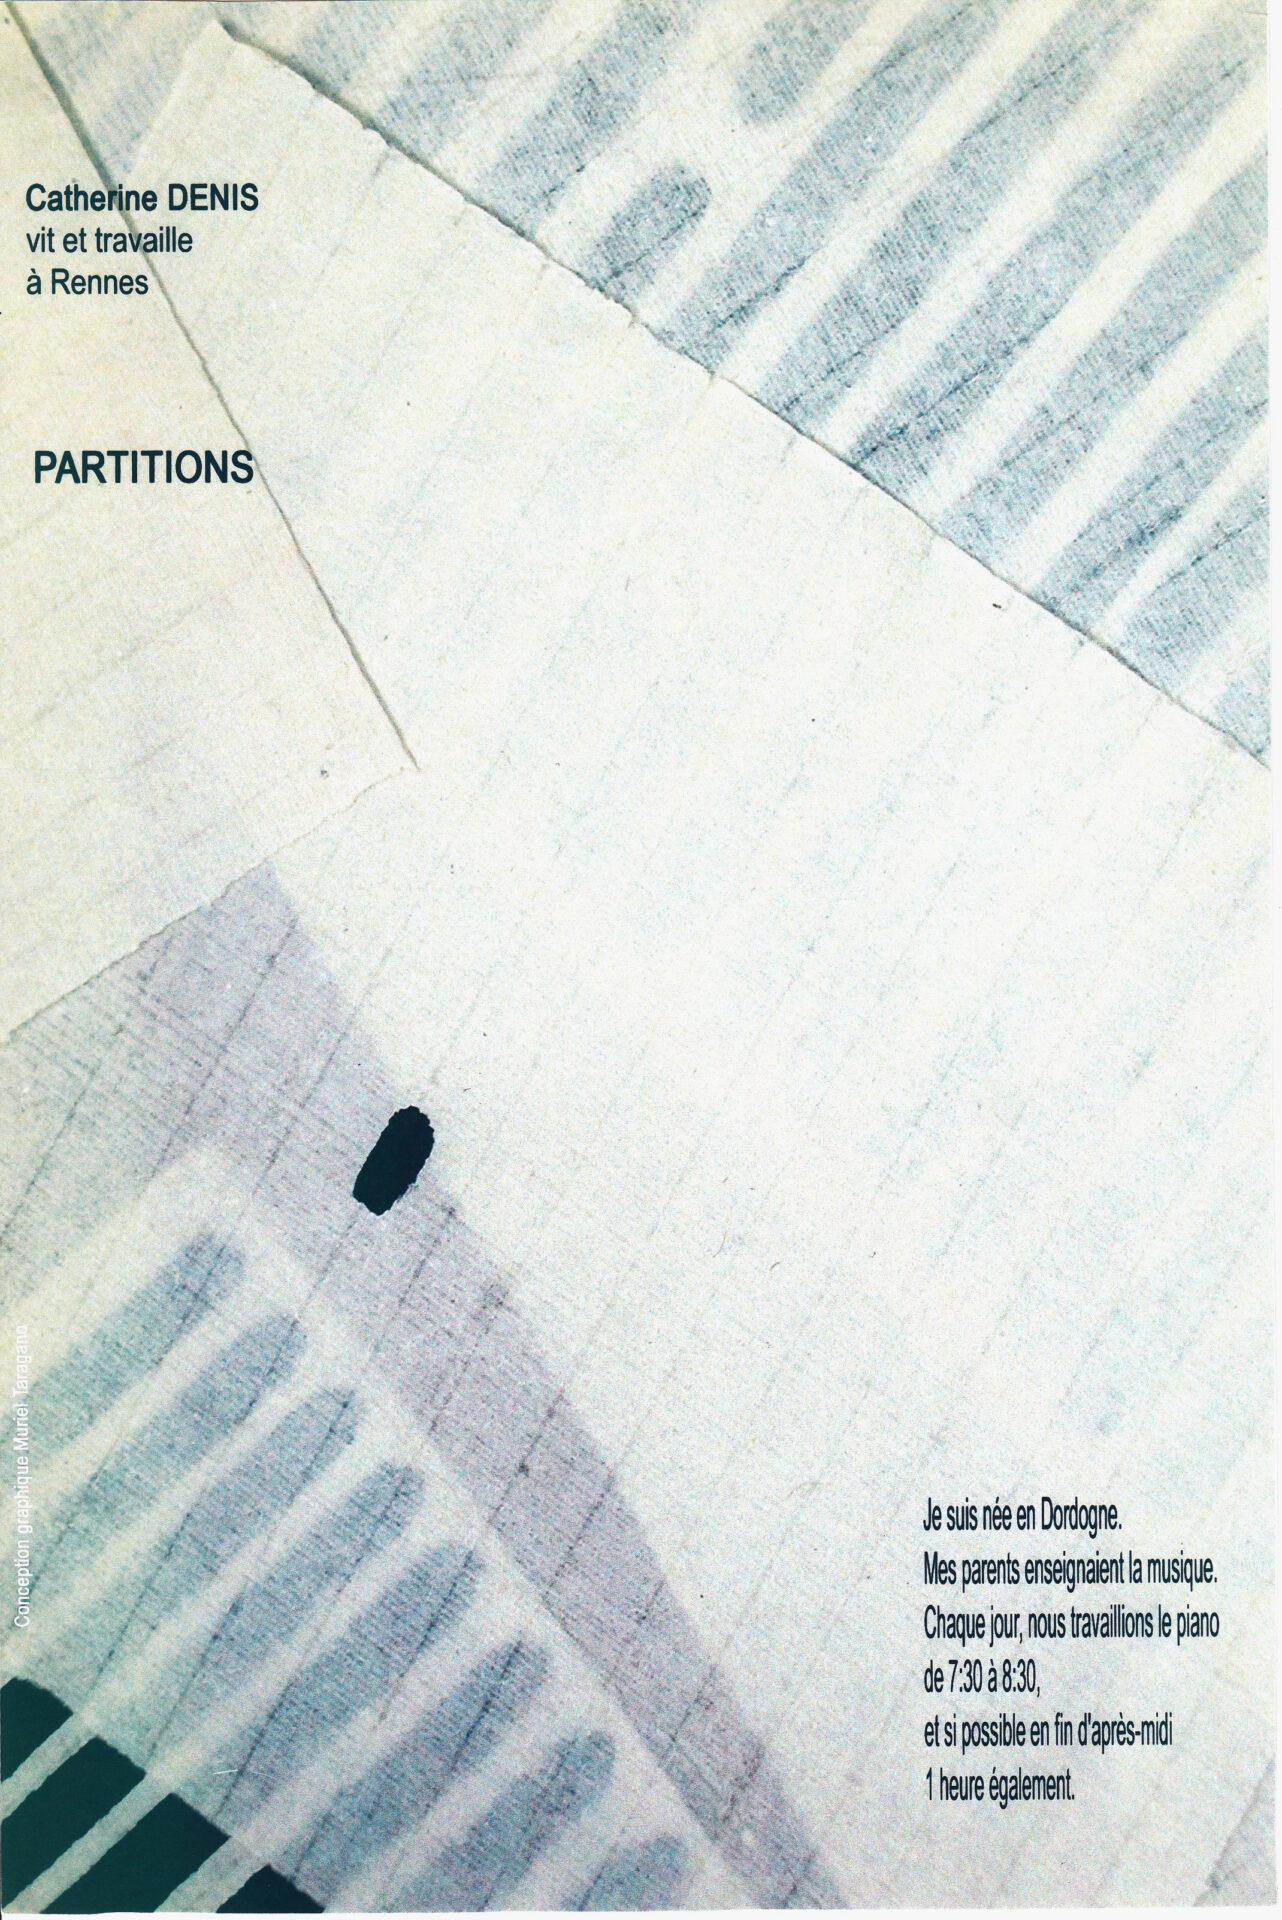 2002 - affiche par Muriel Taragano